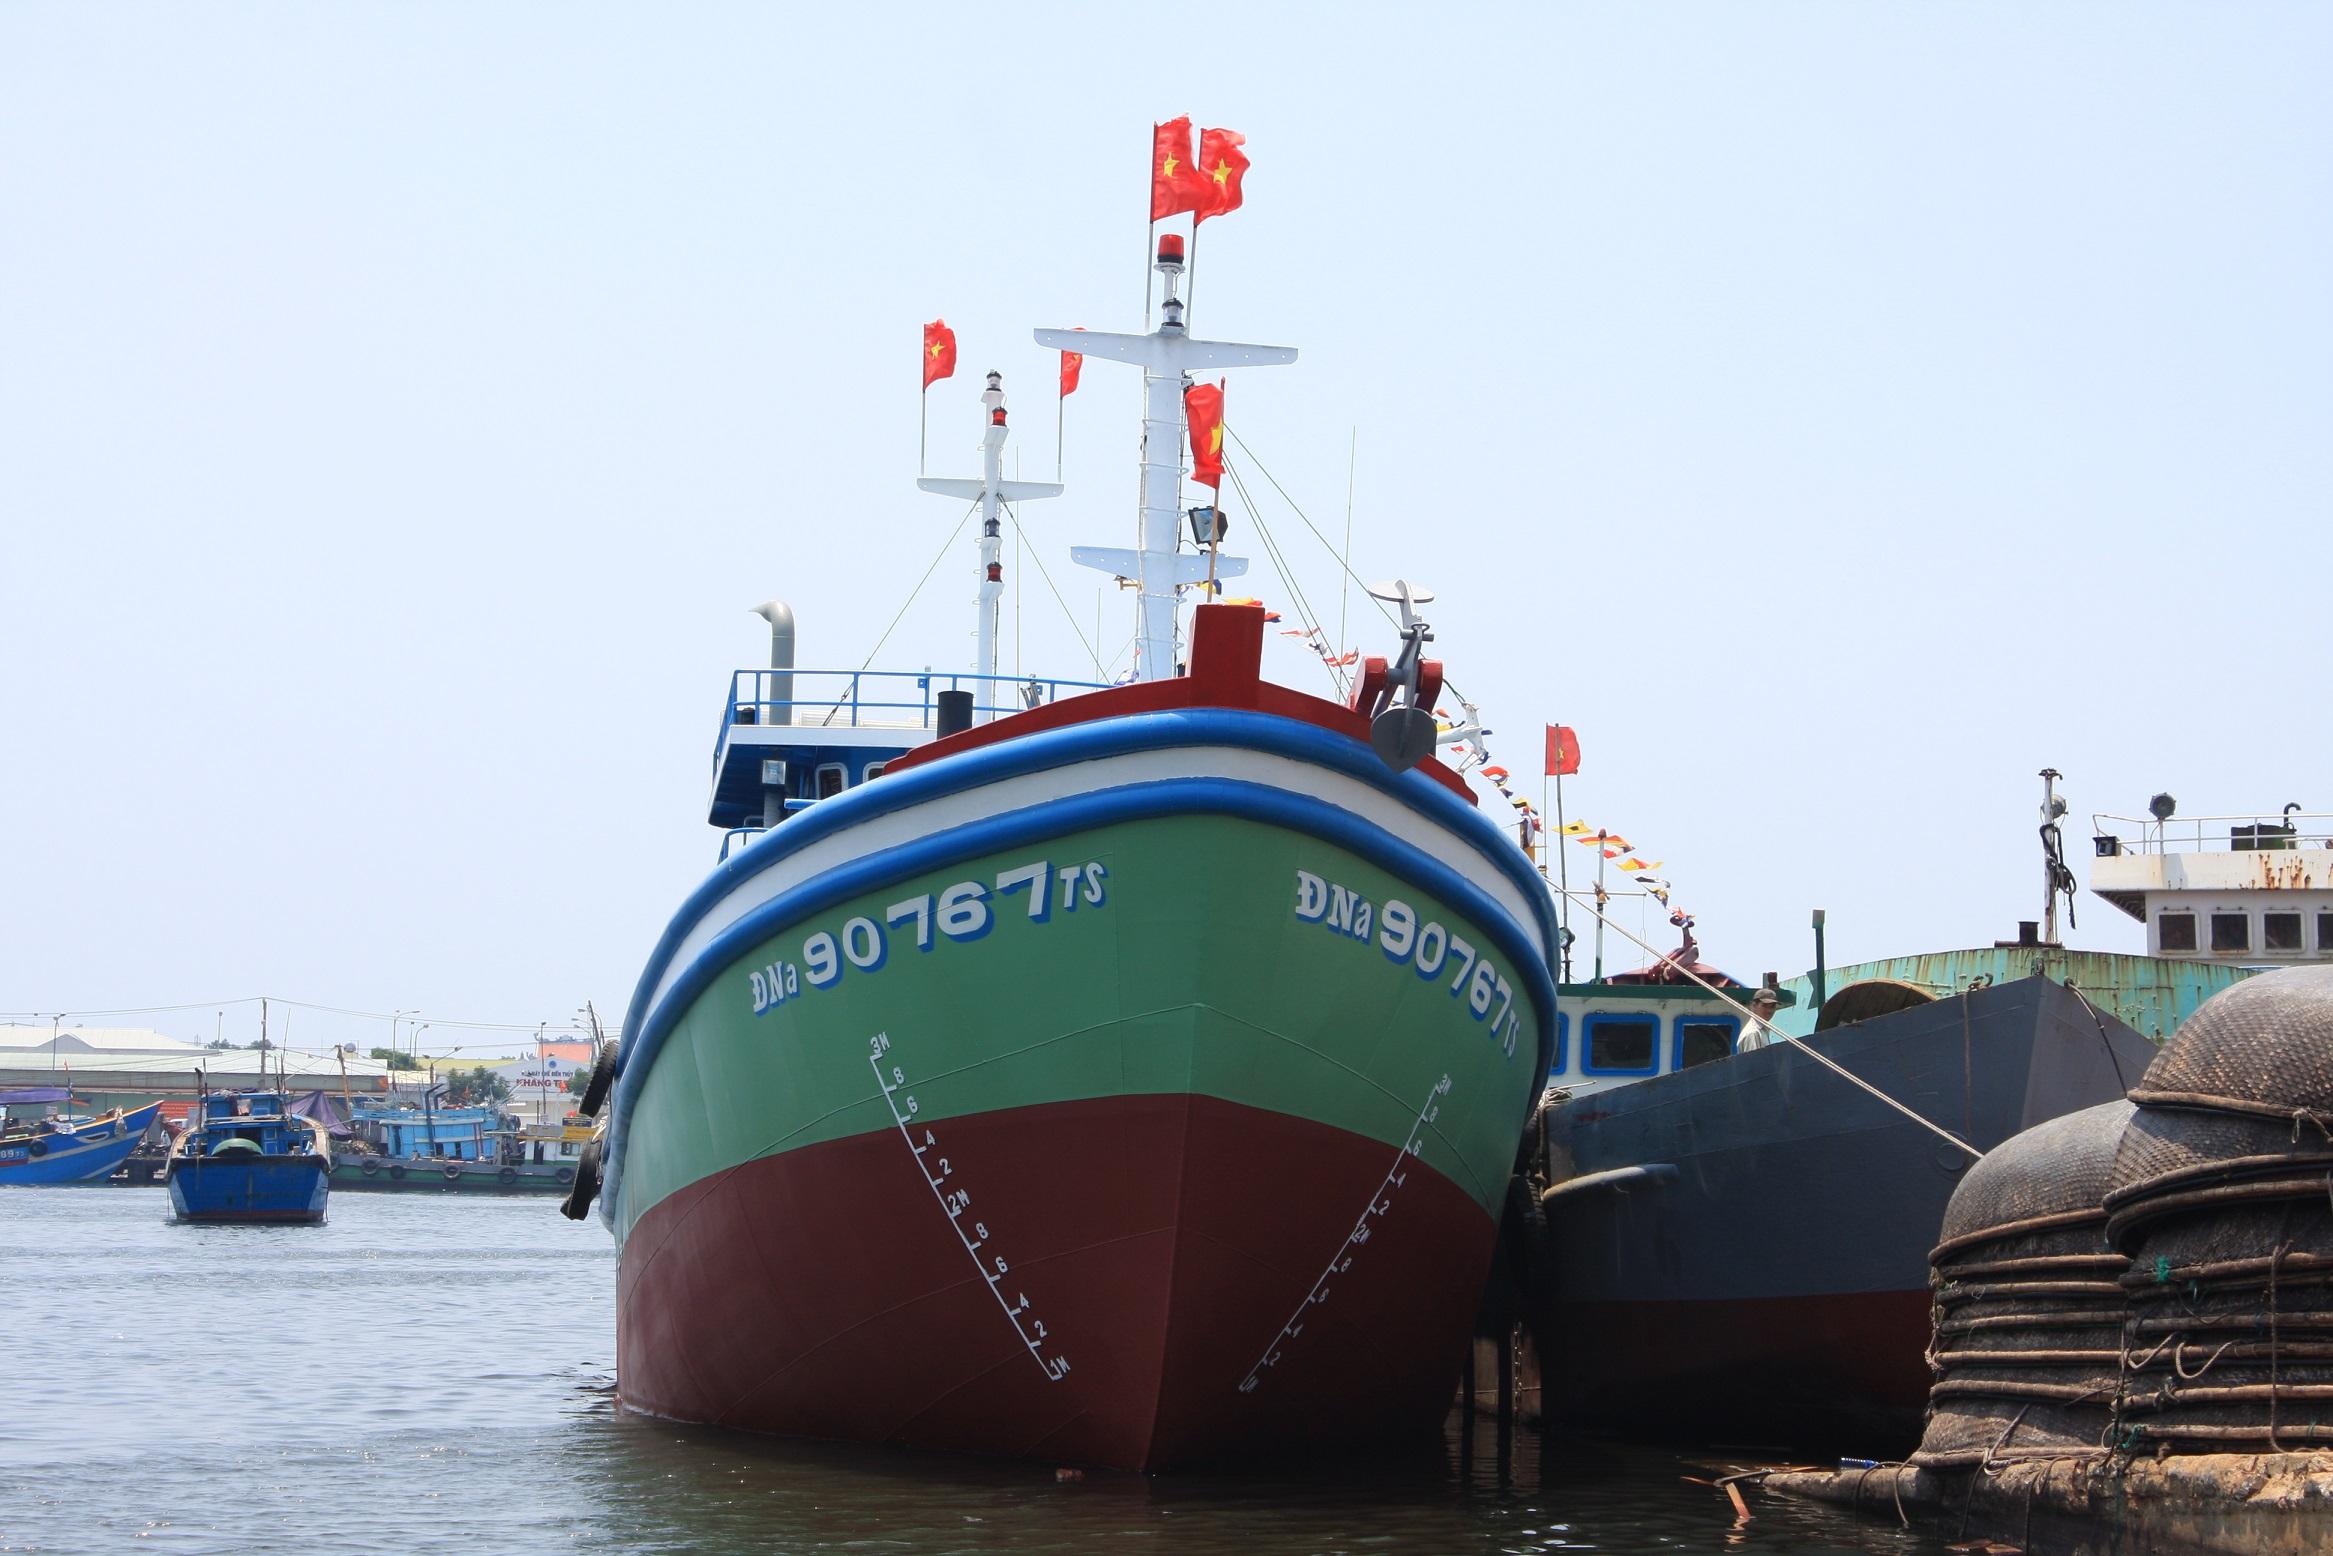 Tàu ĐNa 90767 Ts là tàu vỏ thép lưới rê đầu tiên ở Đà Nẵng và được đóng theo ý tưởng thiết kế riêng của một ngư dân Đà thành.